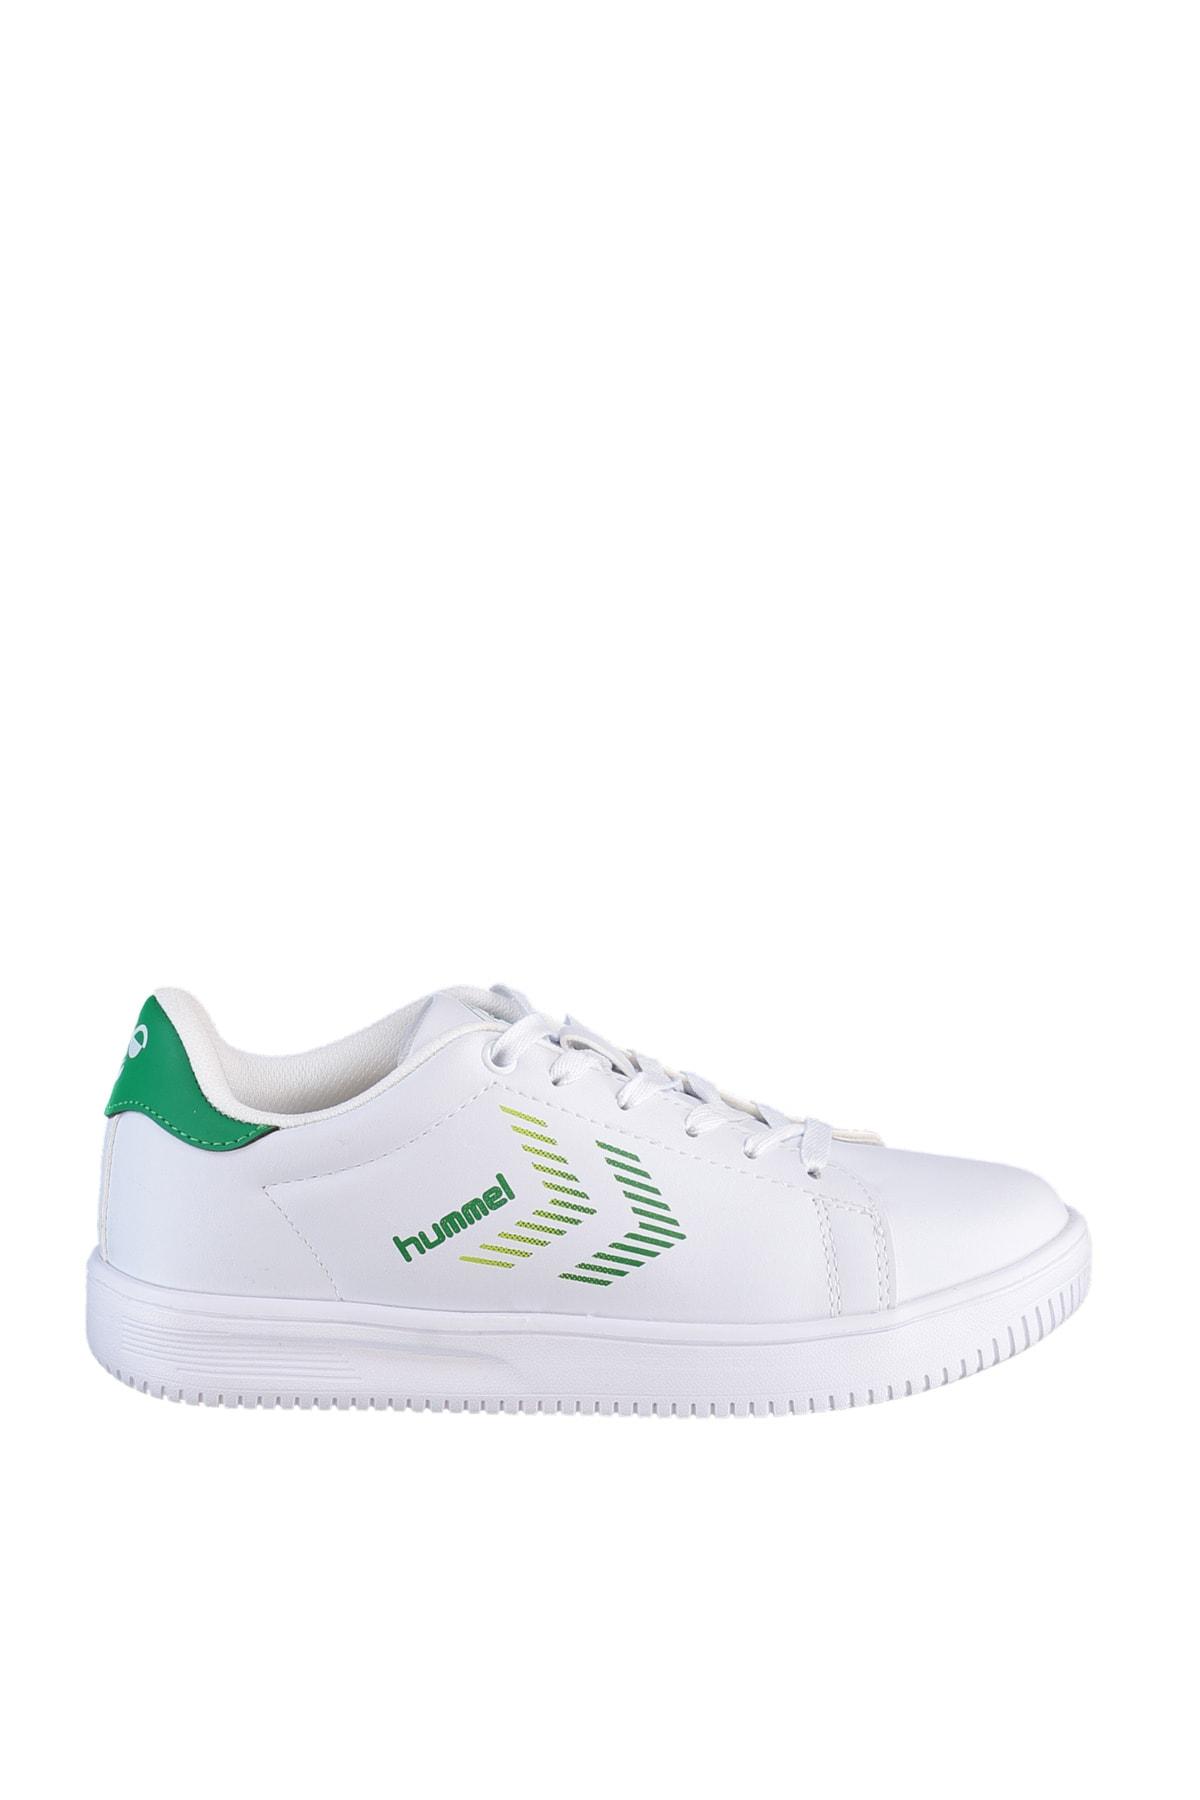 HUMMEL Unisex Sneaker - Hml Hml Viborg  Smu 1